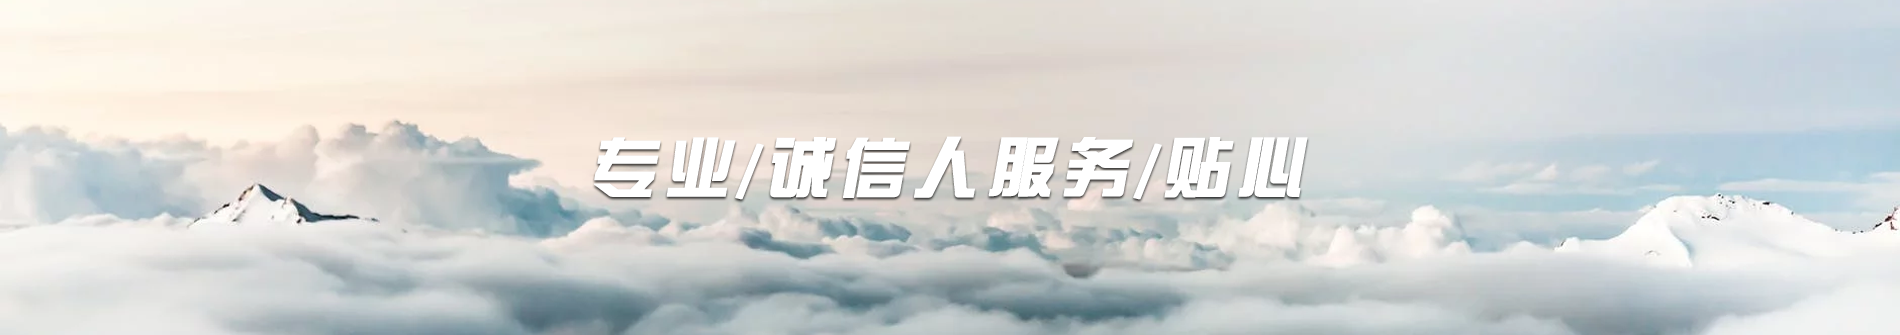 佛山市凌鑫鹏装饰工程有限公司